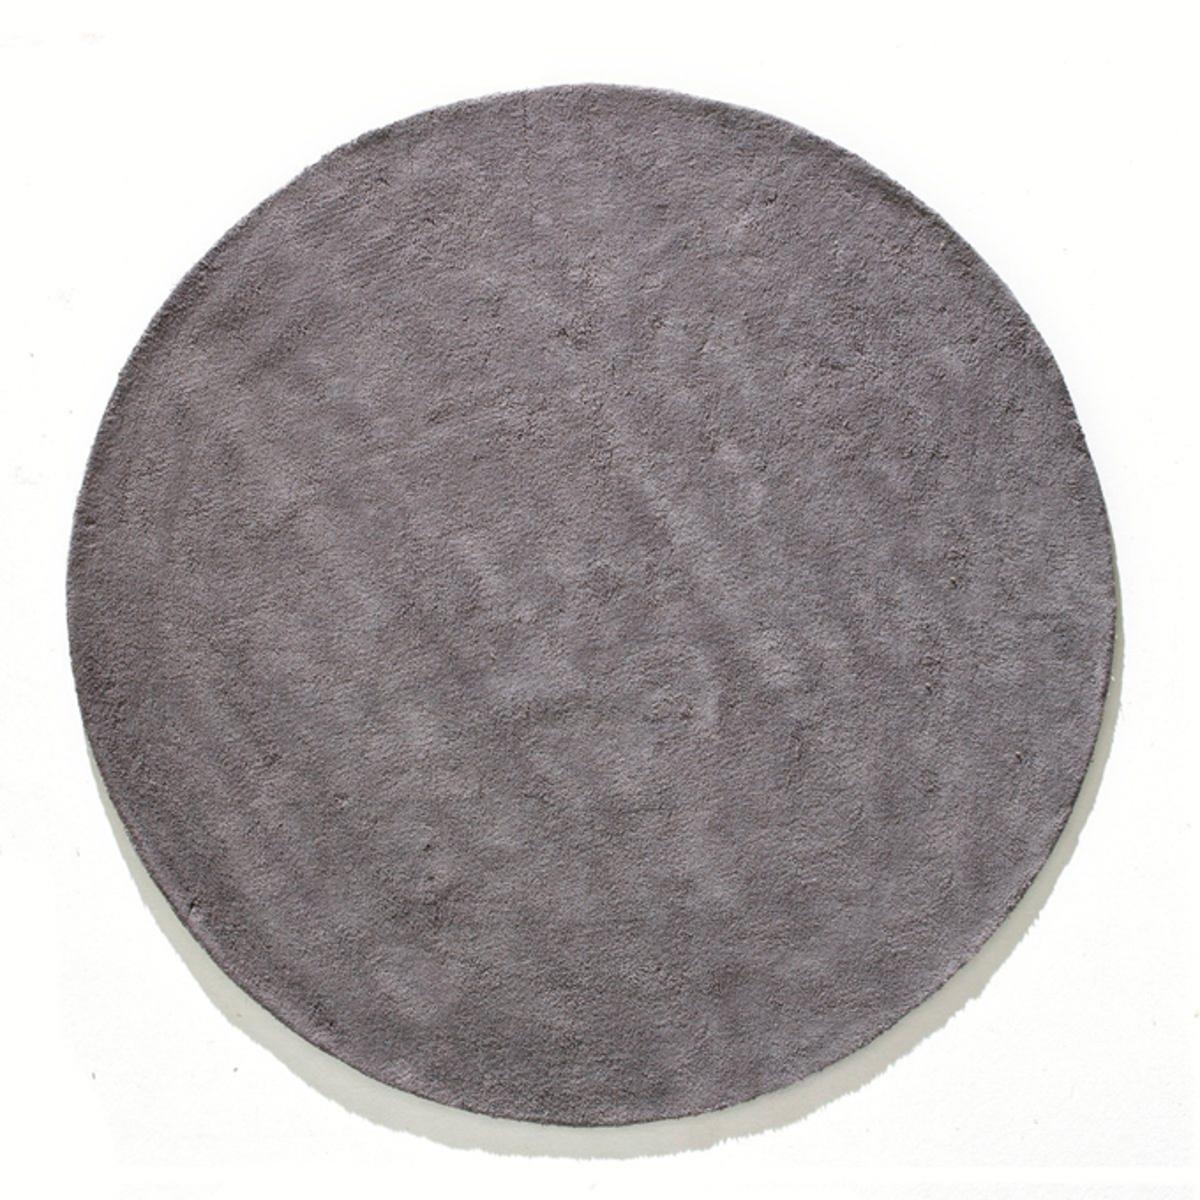 Ковер LaRedoute Круглый из хлопковой ткани Renzo маленький размер диаметр 70 см серый